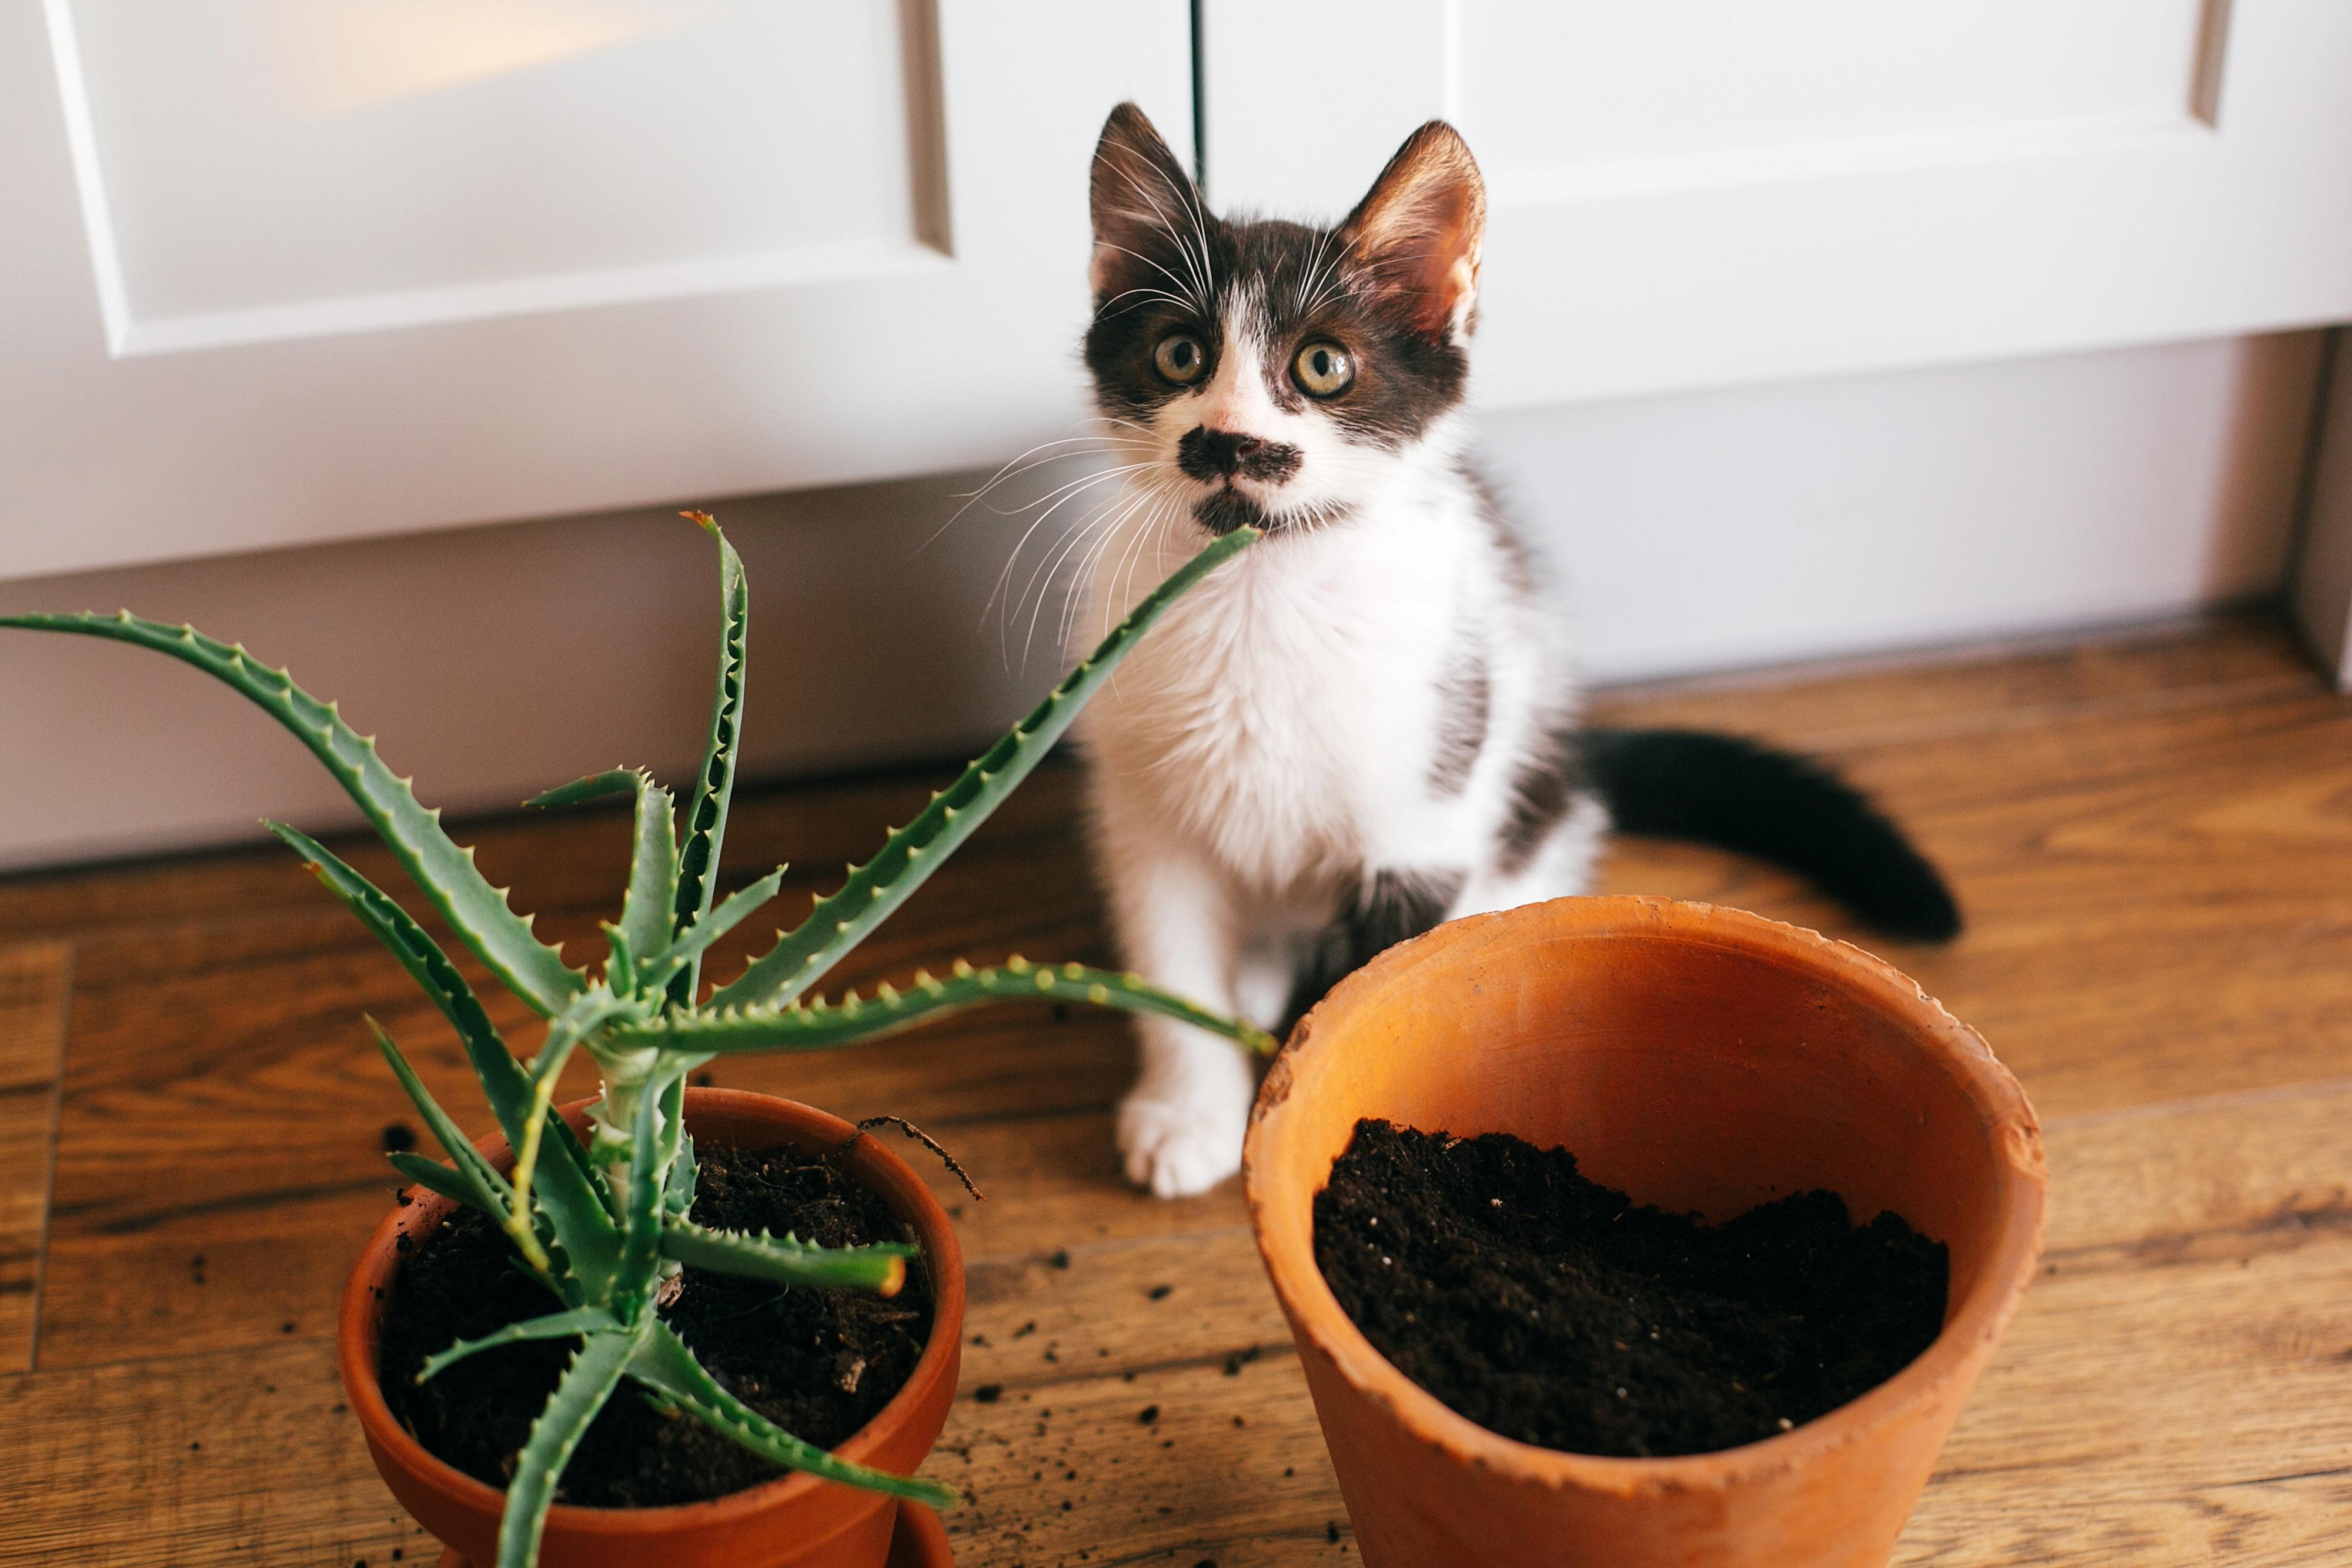 Chien Fait Ses Besoins La Nuit le chat urine dans les plantes : pourquoi et que faire